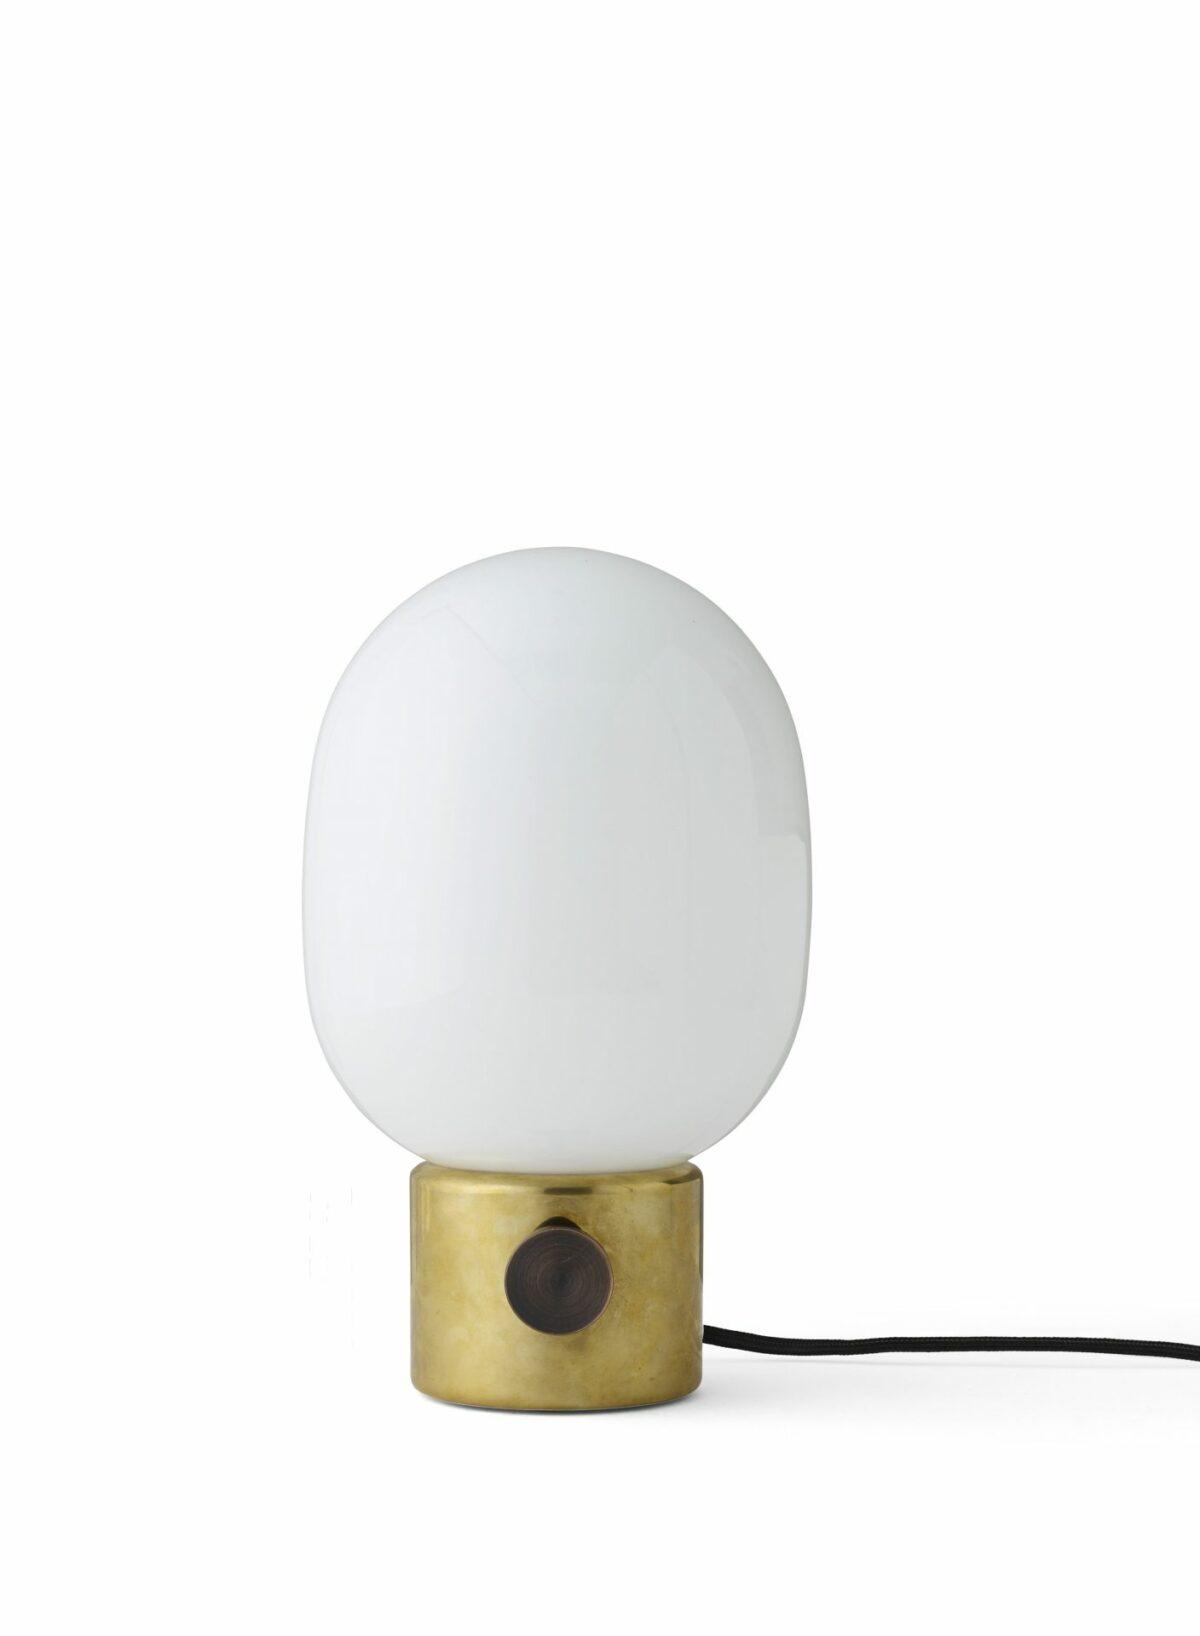 1800839 JWDA Metallic Lamp Mirror Polished Brass 01 e1570641293669